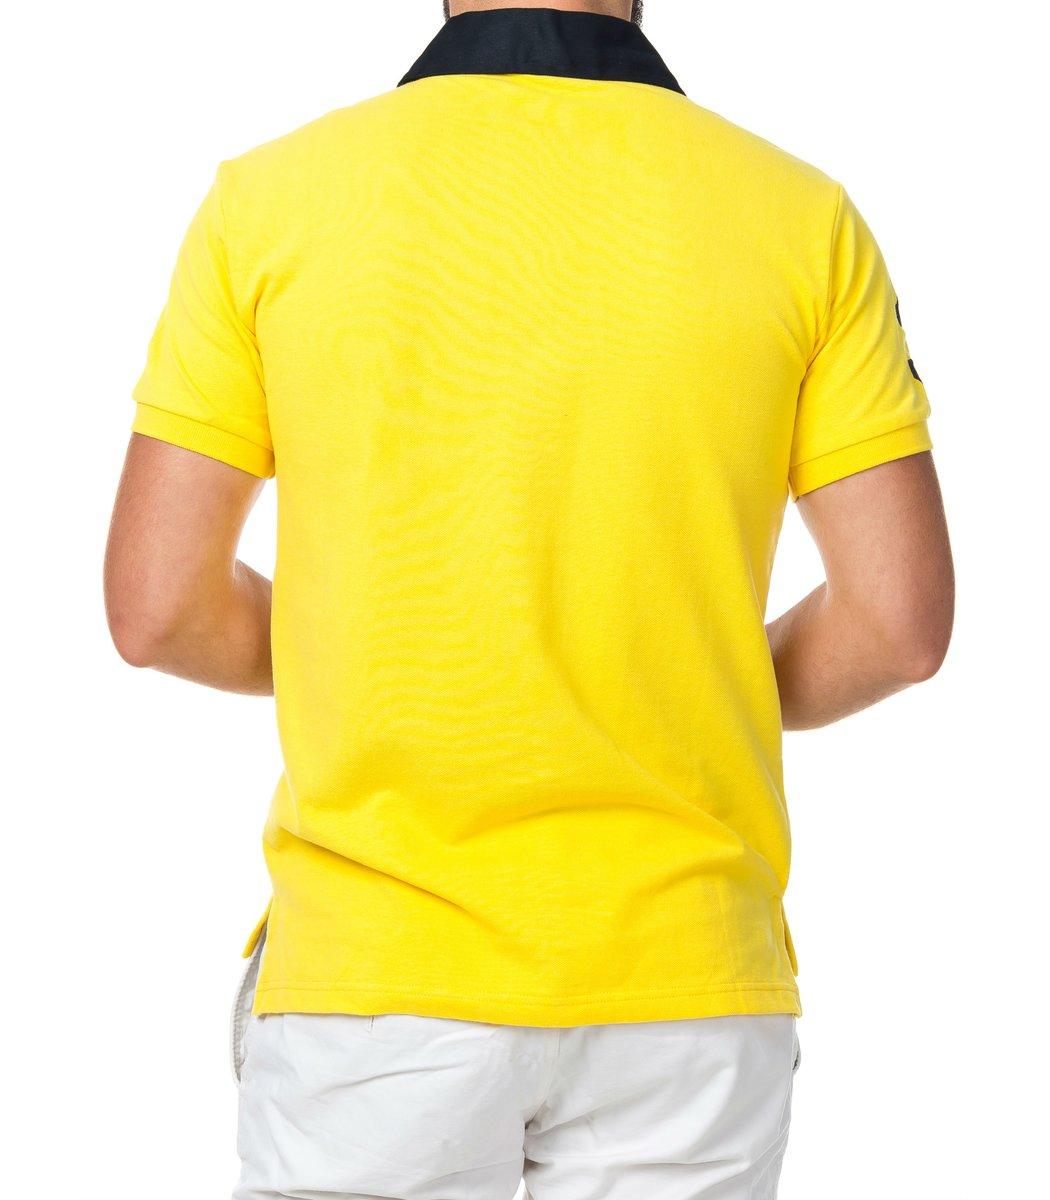 Мужская желтая футболка поло Ralph Lauren R2 - желтый - Вид 3